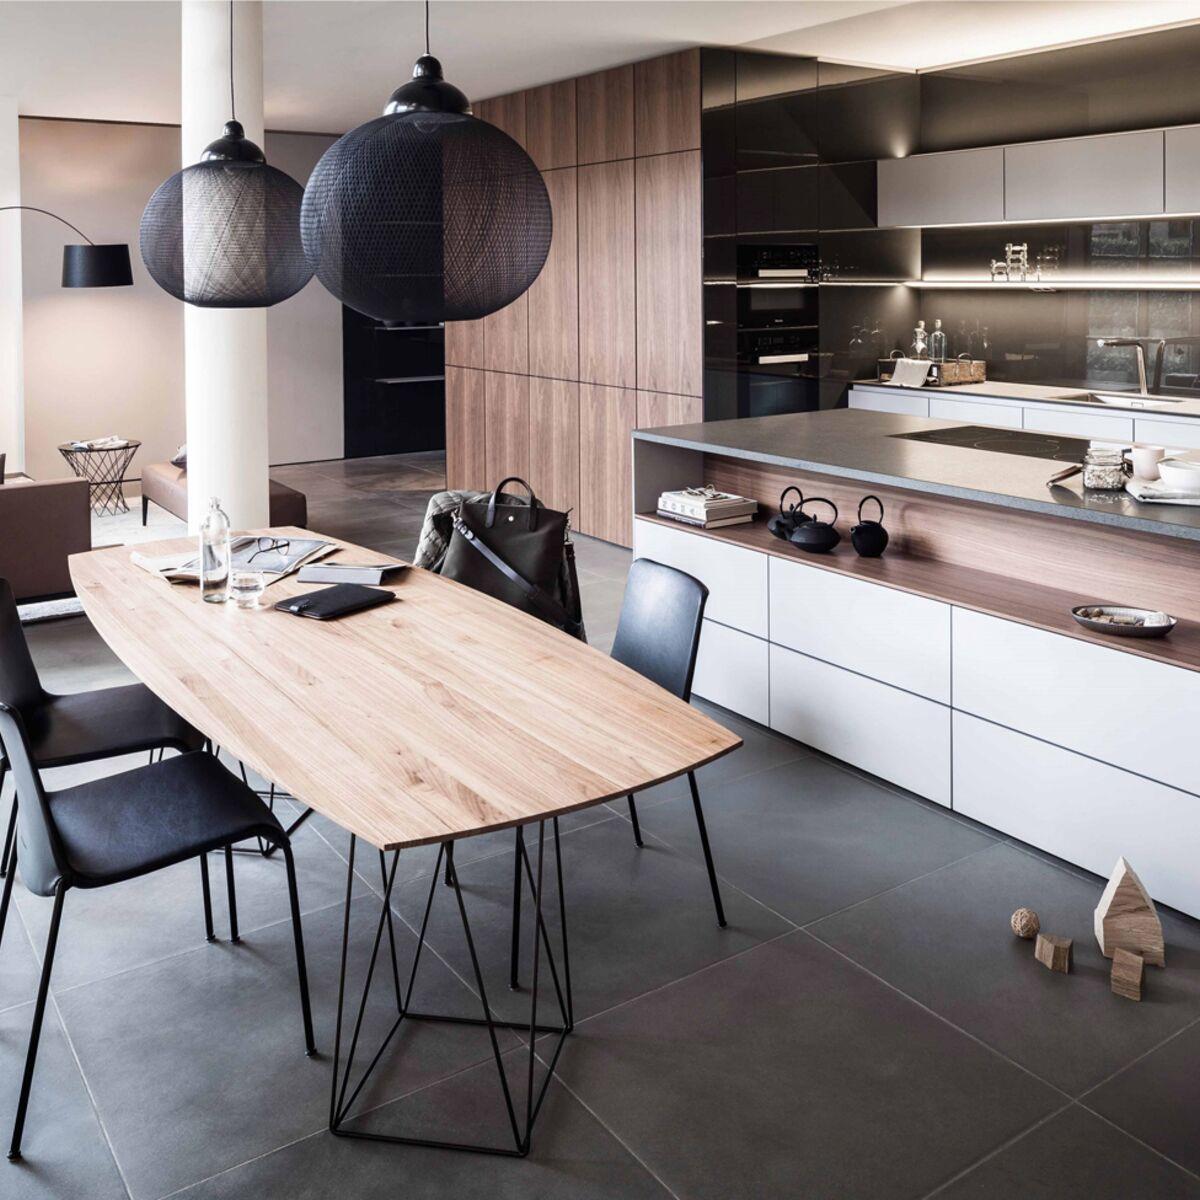 Tout pour une cuisine - salle à manger contemporaine : Femme